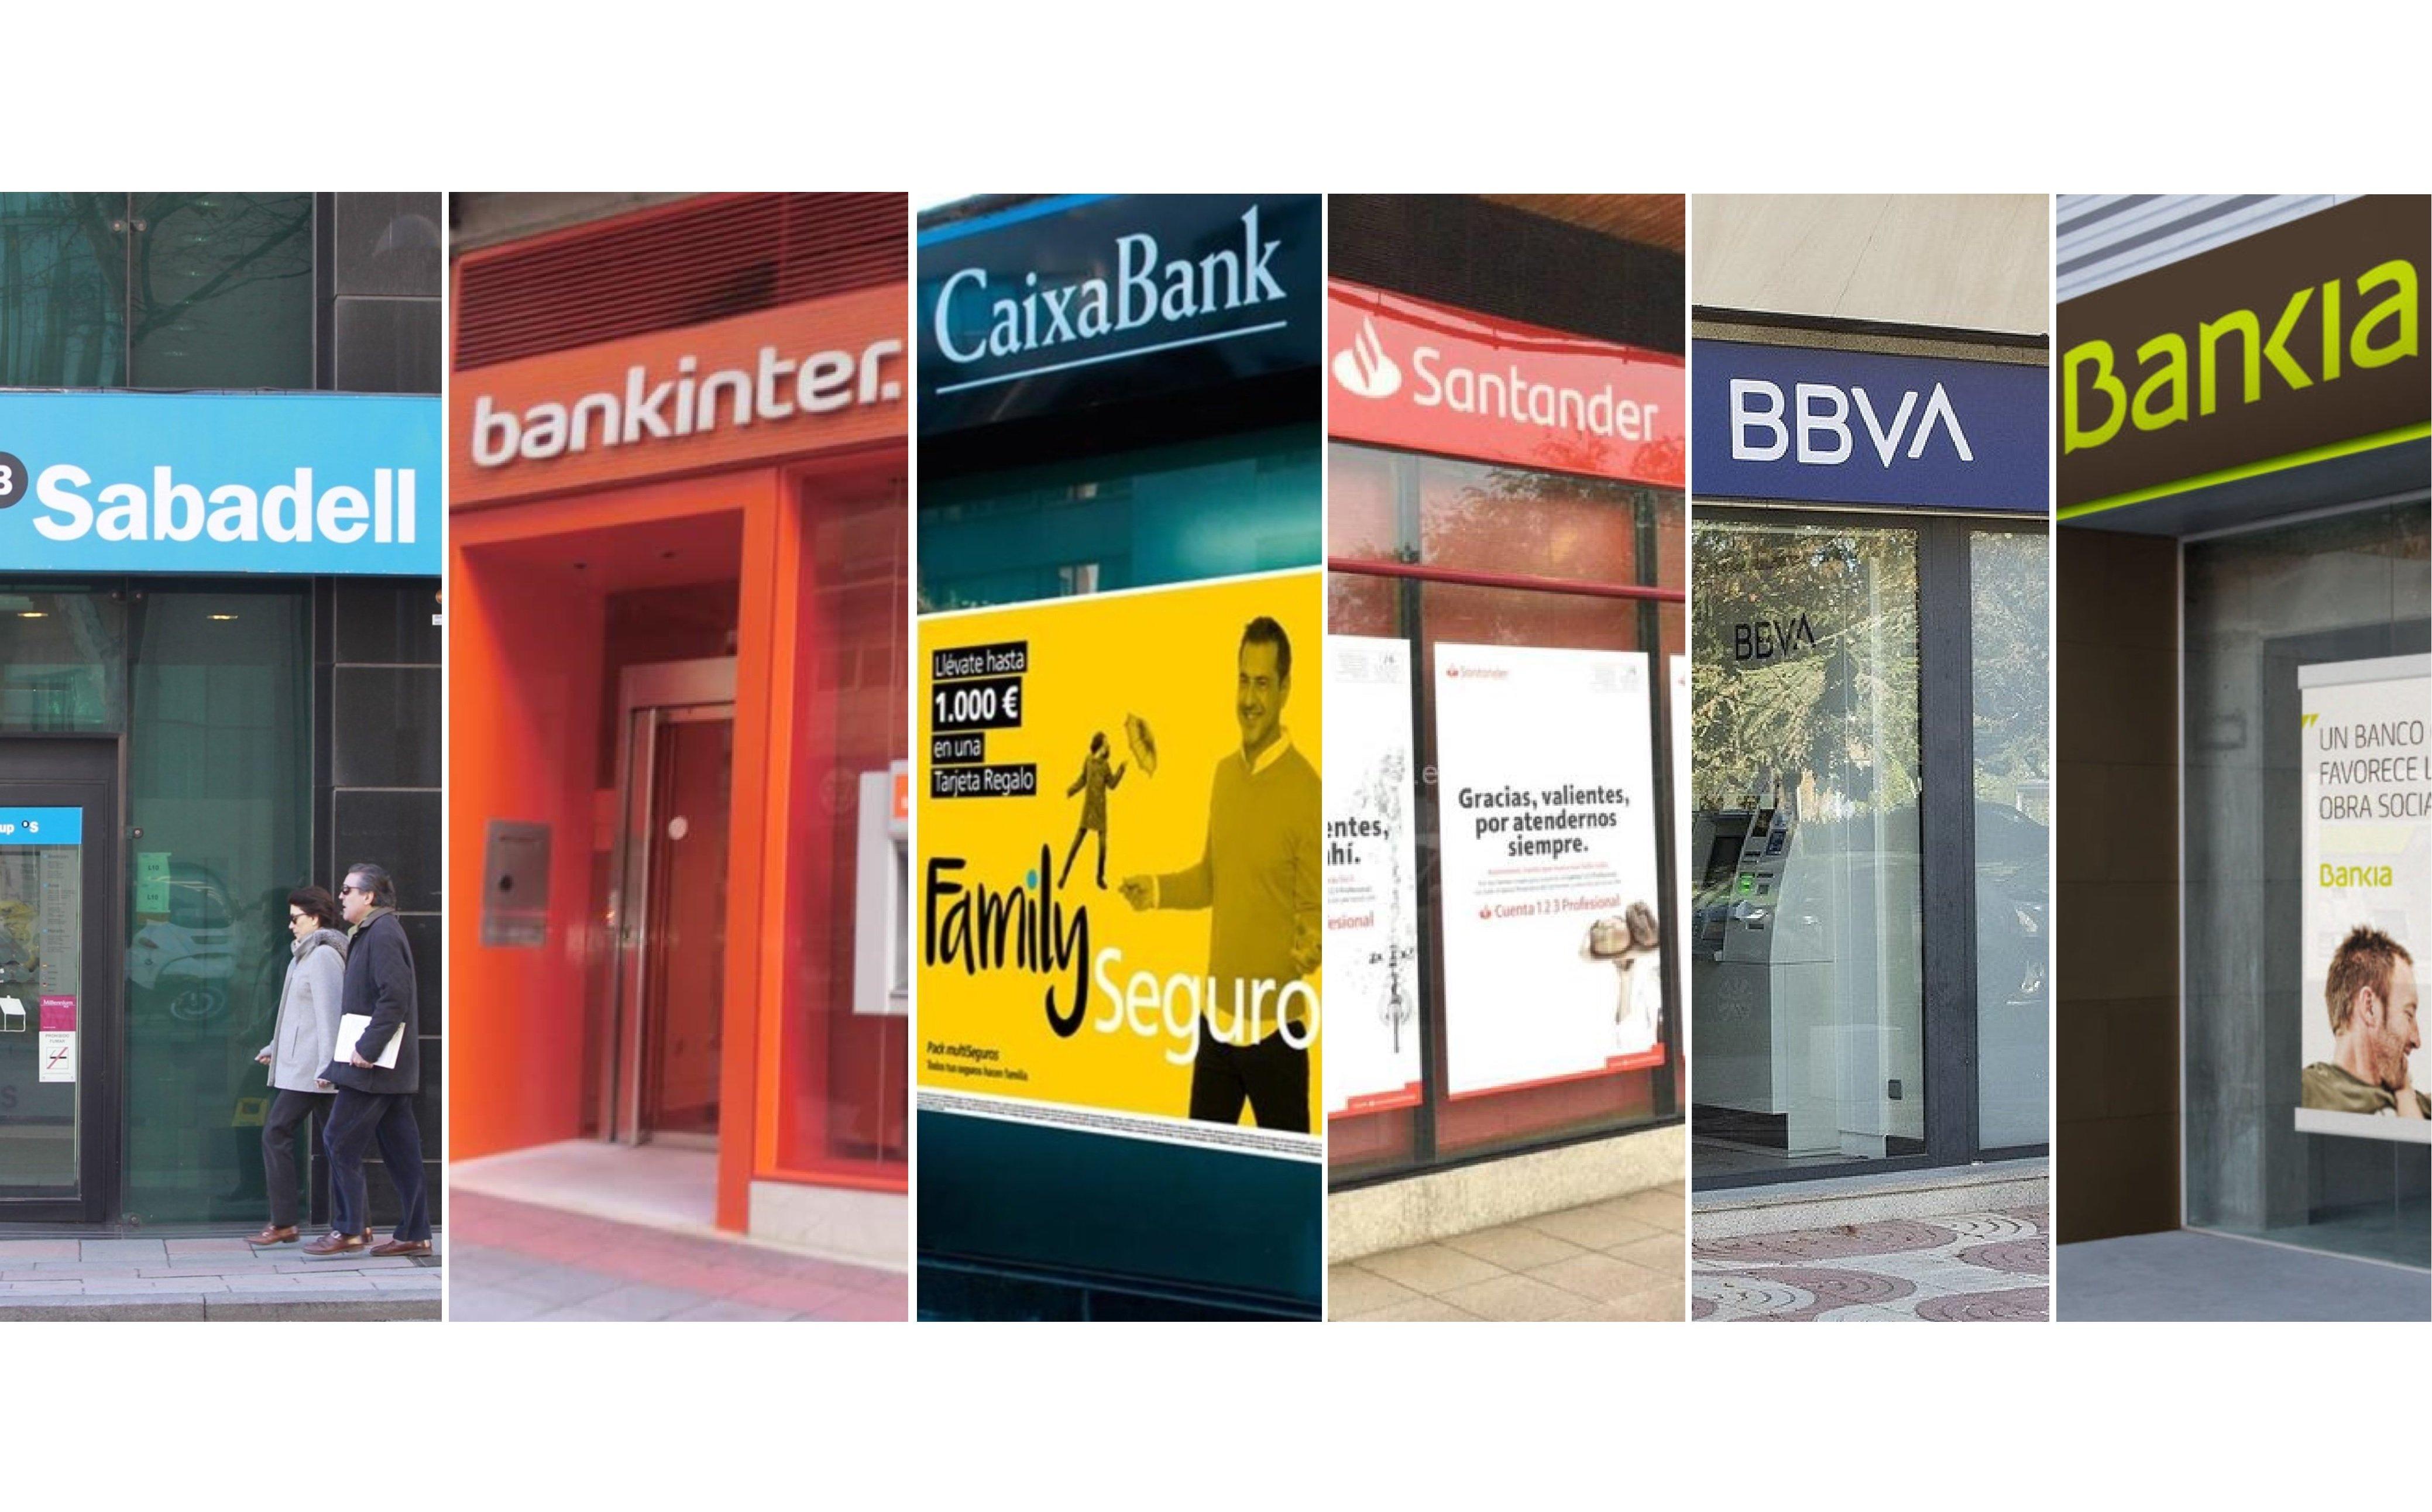 Lo que le faltaba a los bancos para ahuyentar definitivamente a los inversores: suprimir el dividendo de los próximos años